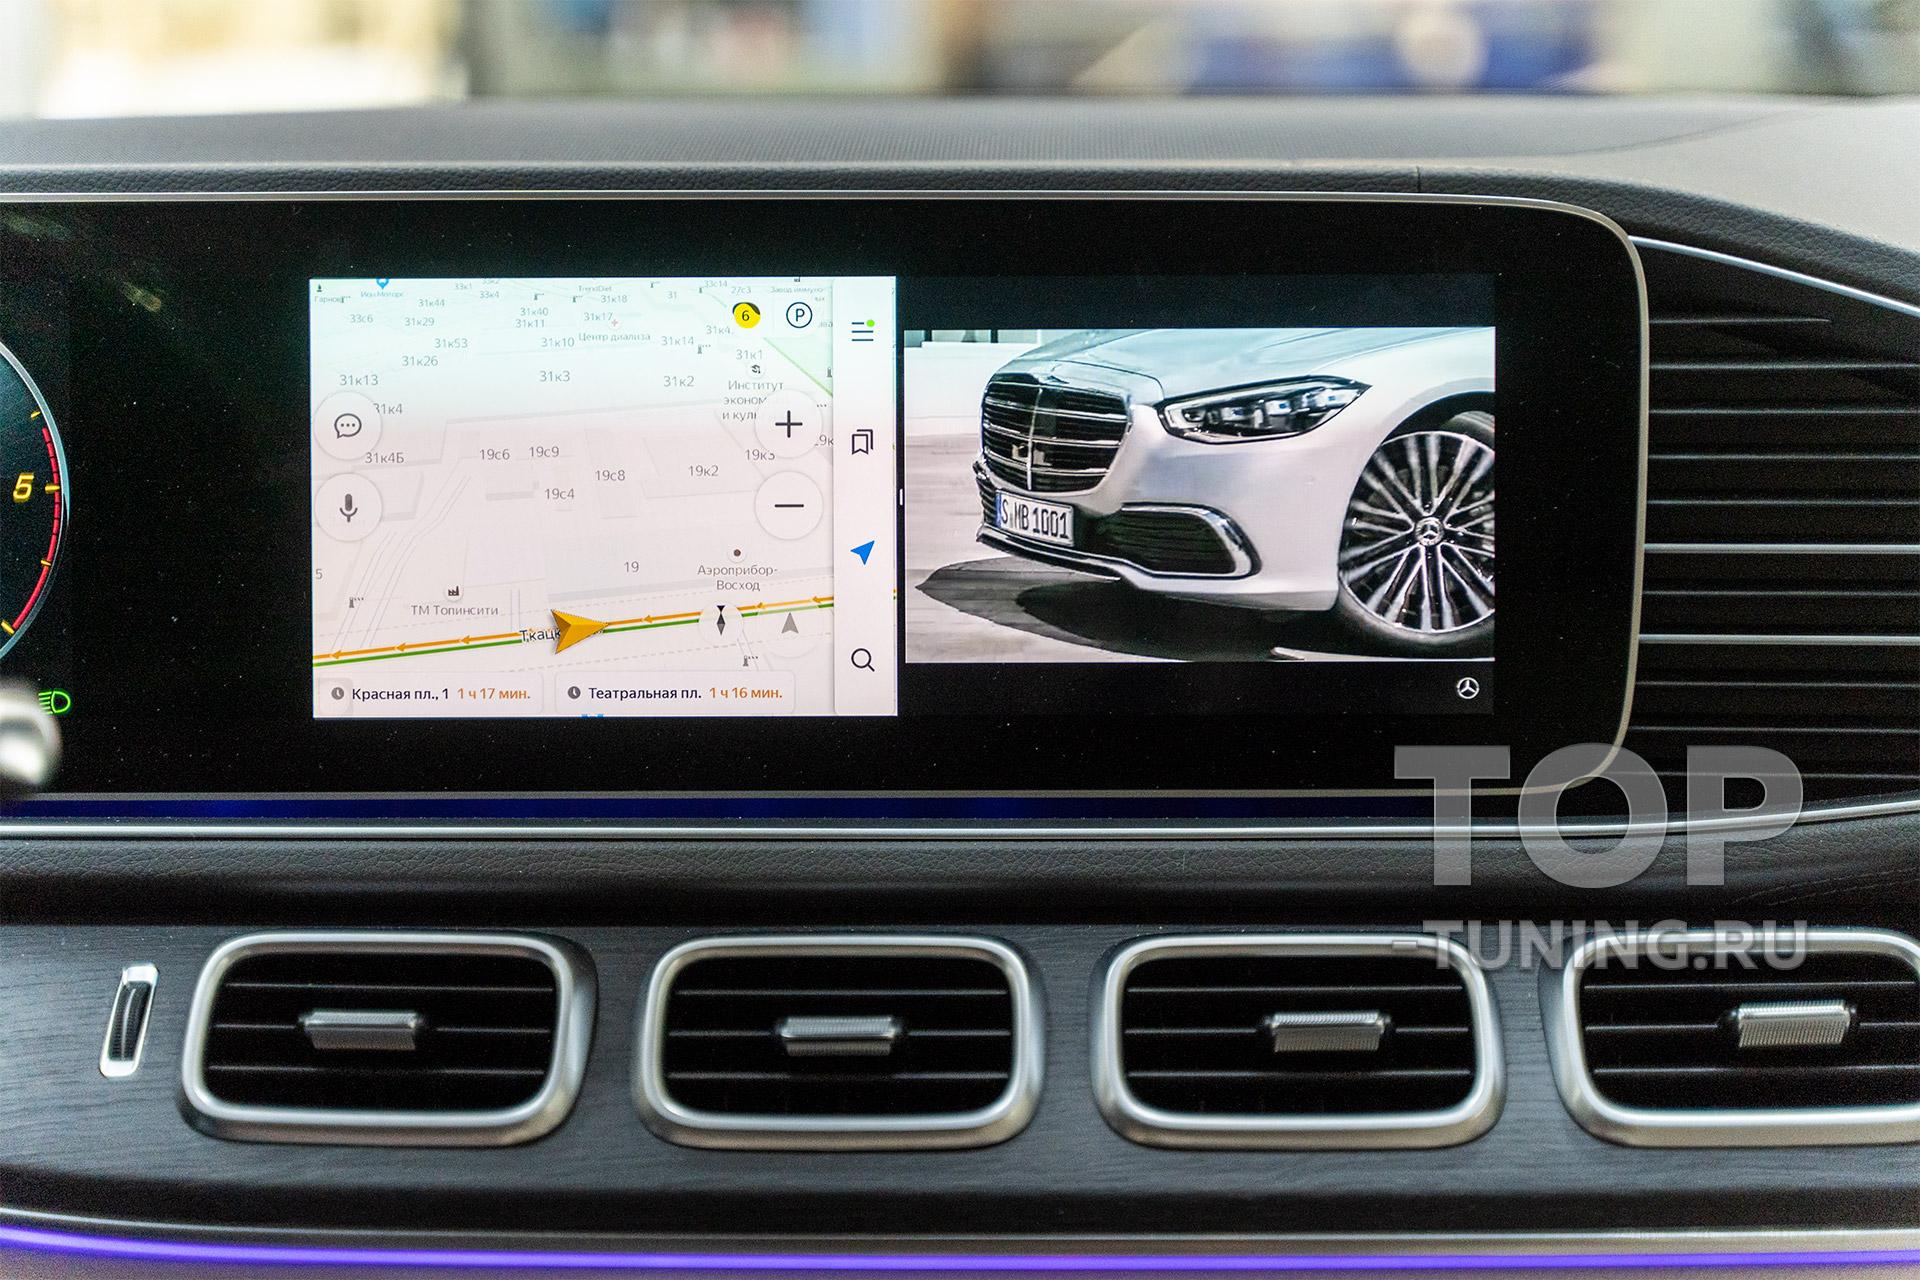 Навигация + видео в дороге (разделение экрана) на штатной мультимедиа MBUX NTG 6.0 в Mercedes GLE / GLS